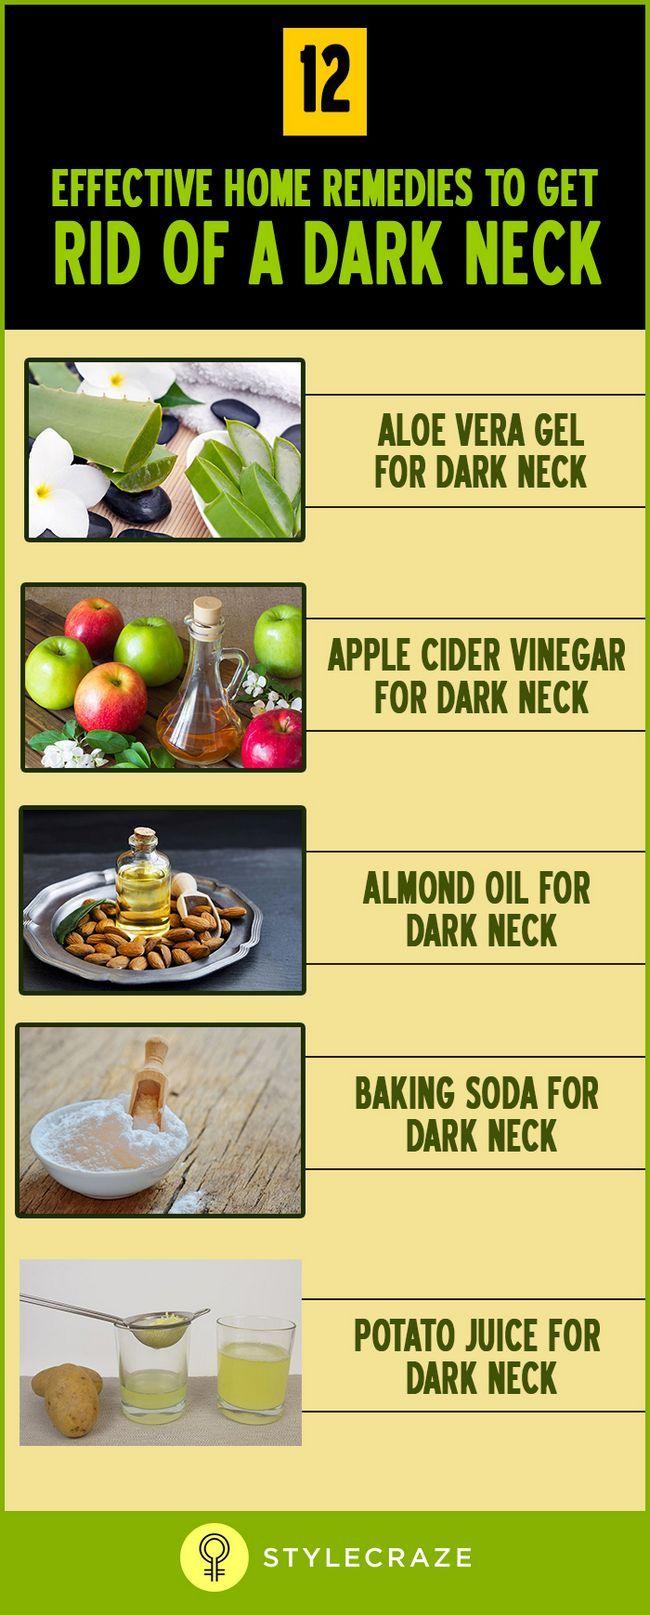 12 Wirksame Hausmittel, um loszuwerden, einer dunklen Hals